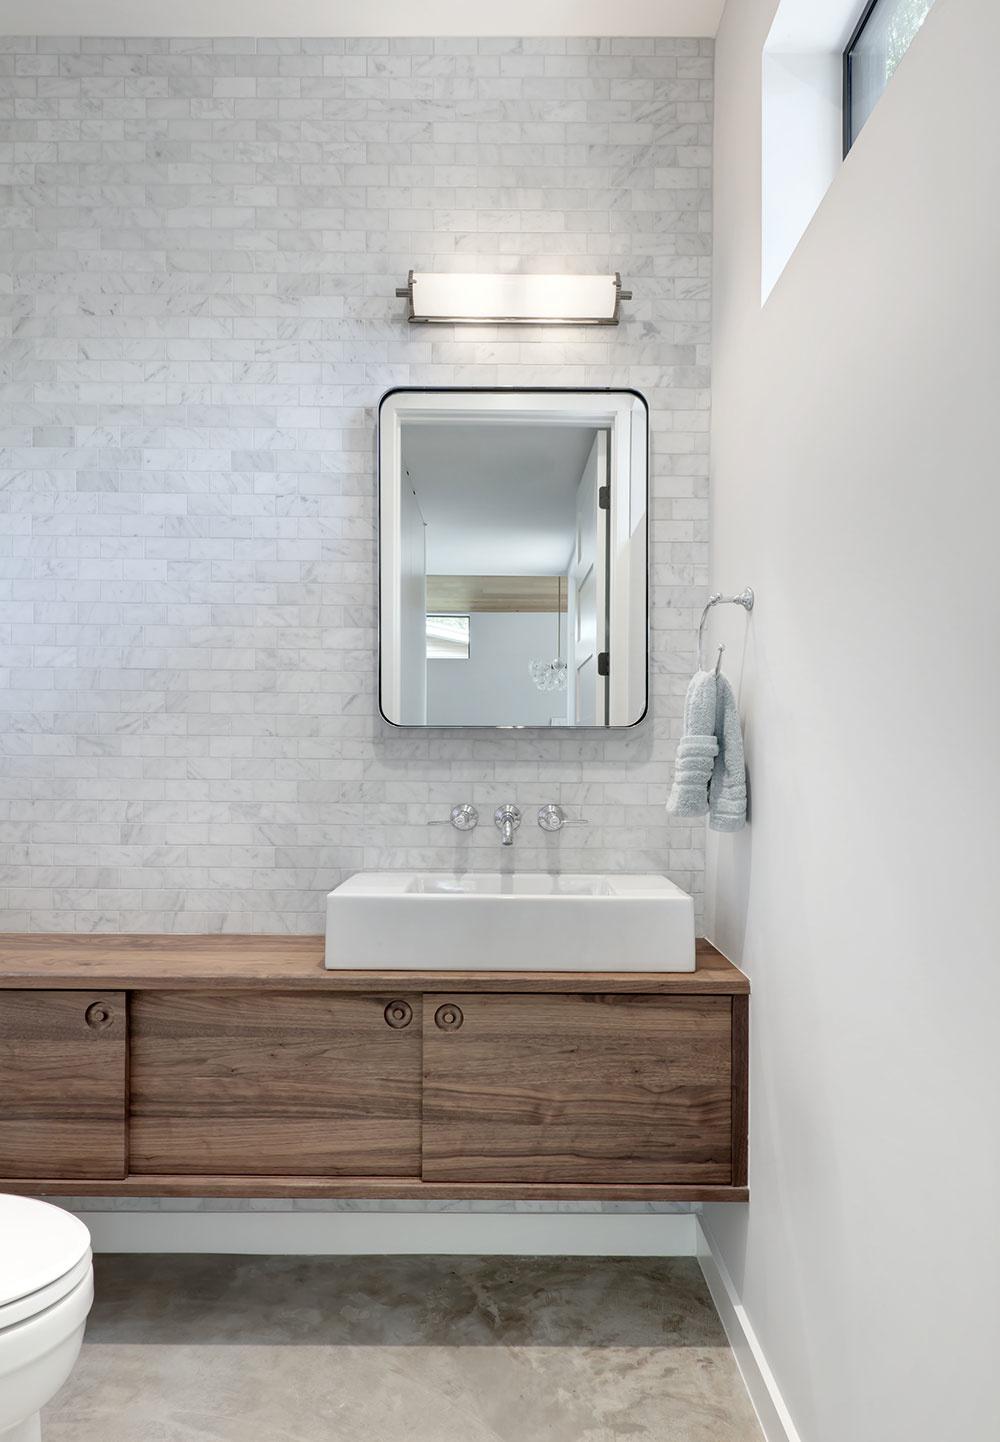 kúpeľňa so sivo-bielym tehlovým obkladom